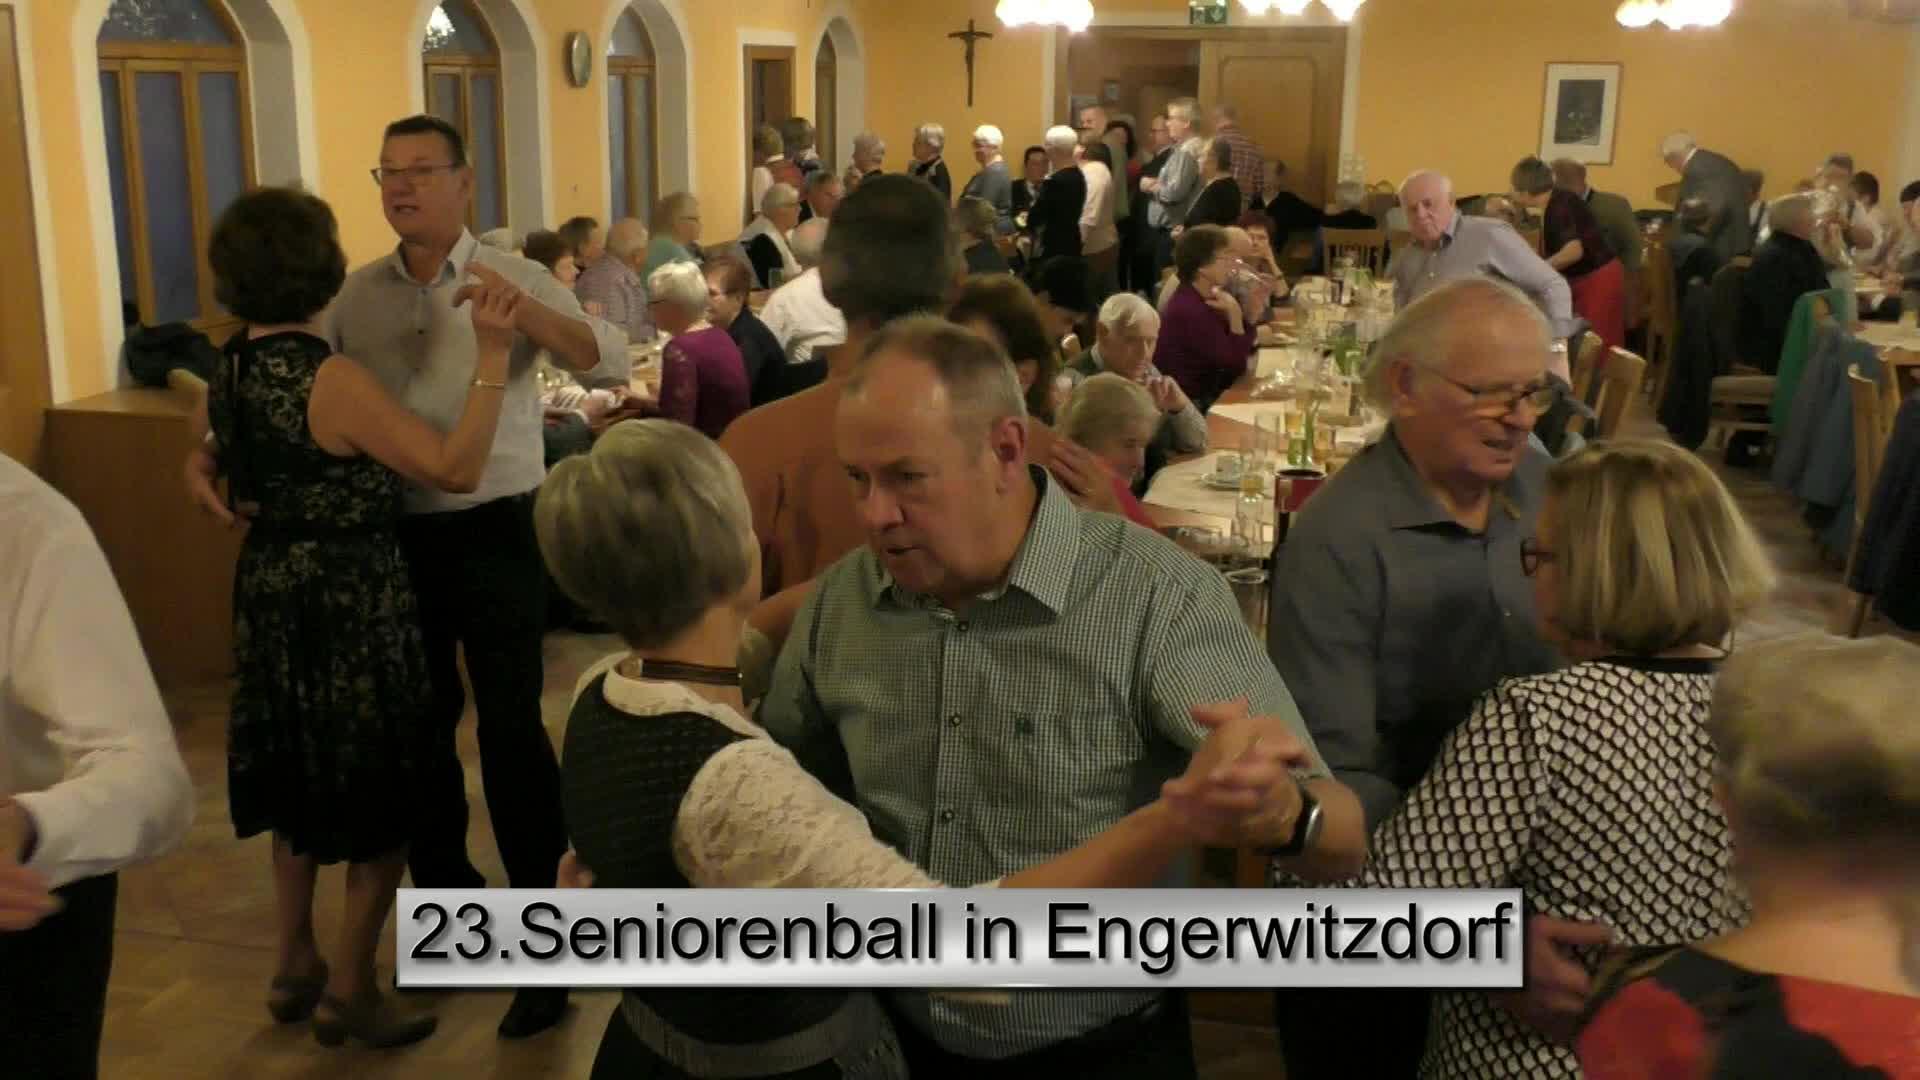 23. Seniorenball in Engerwitzdorf